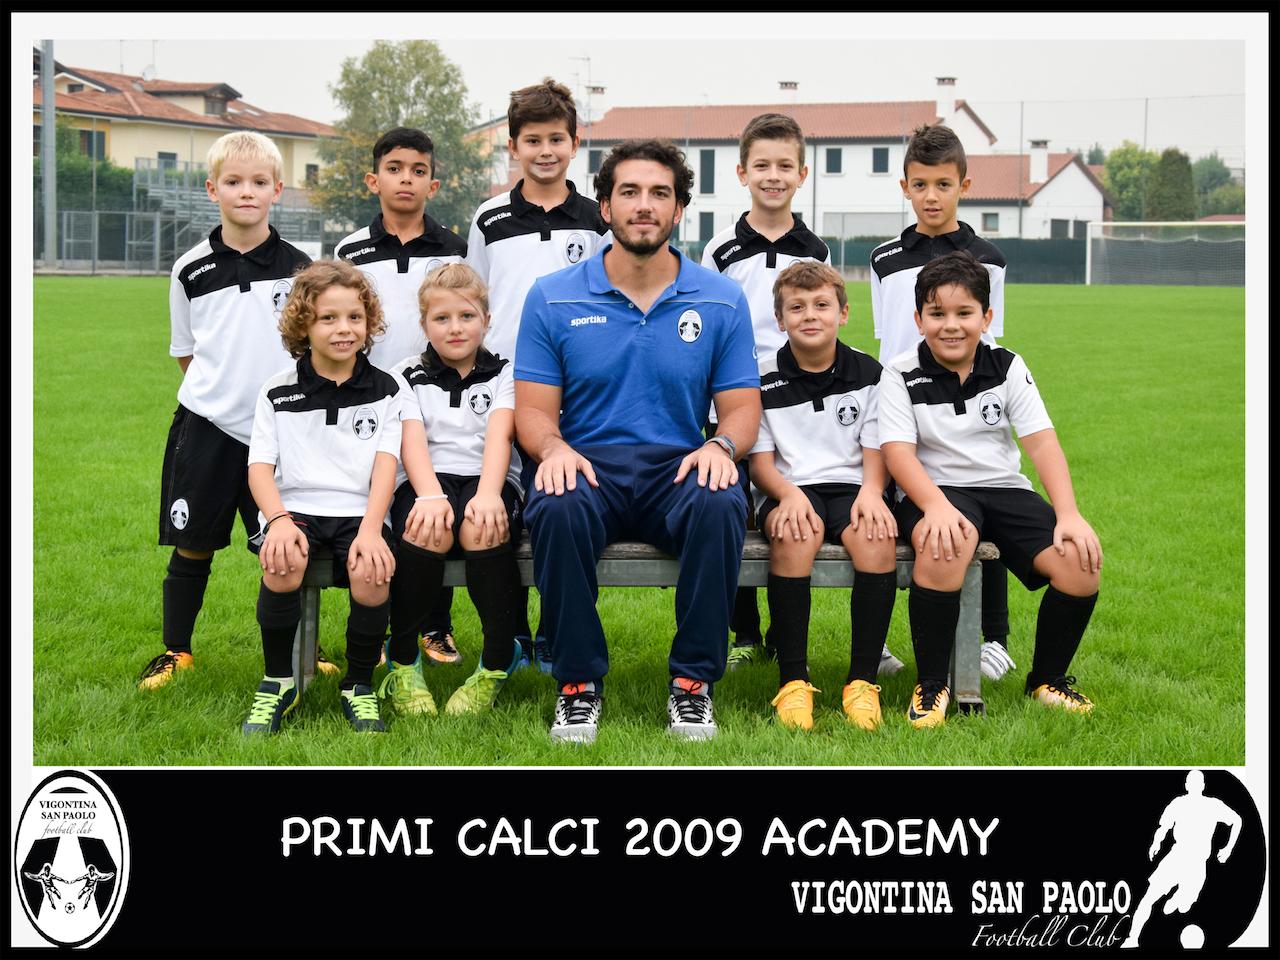 2009 Primi Calci - Palmieri